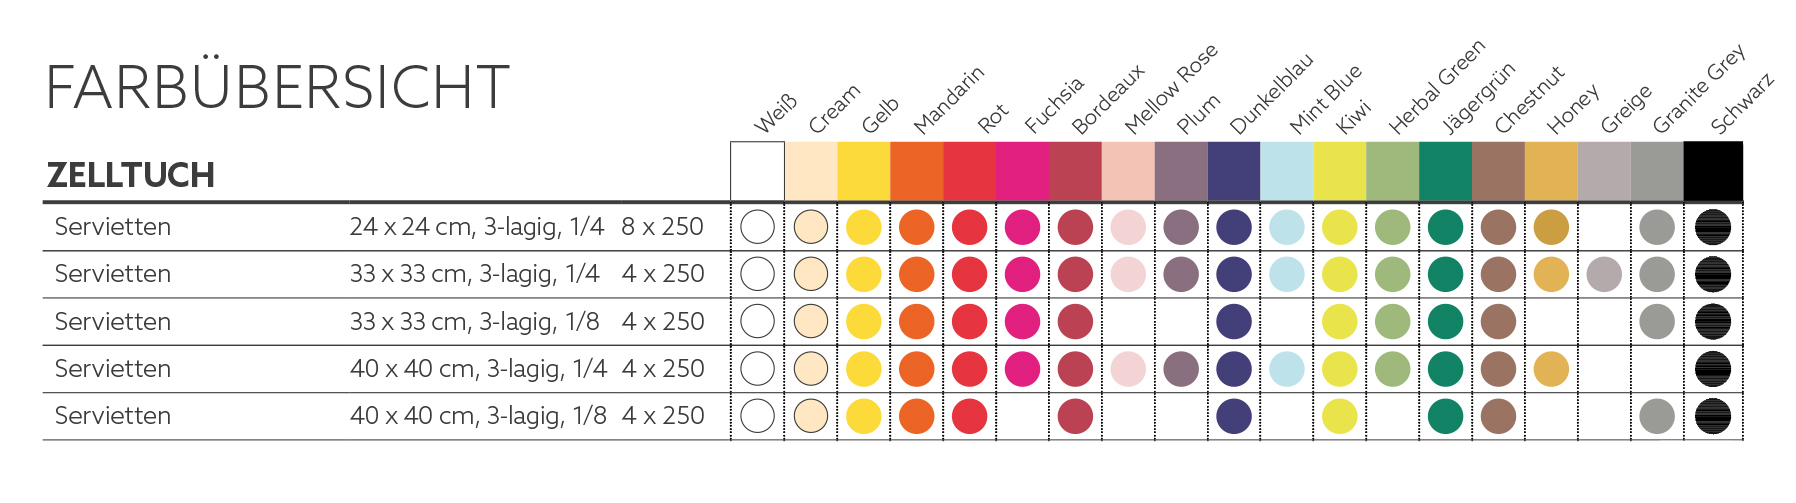 Serviettenfarben der Marke Duni 2018 - Bild klicken